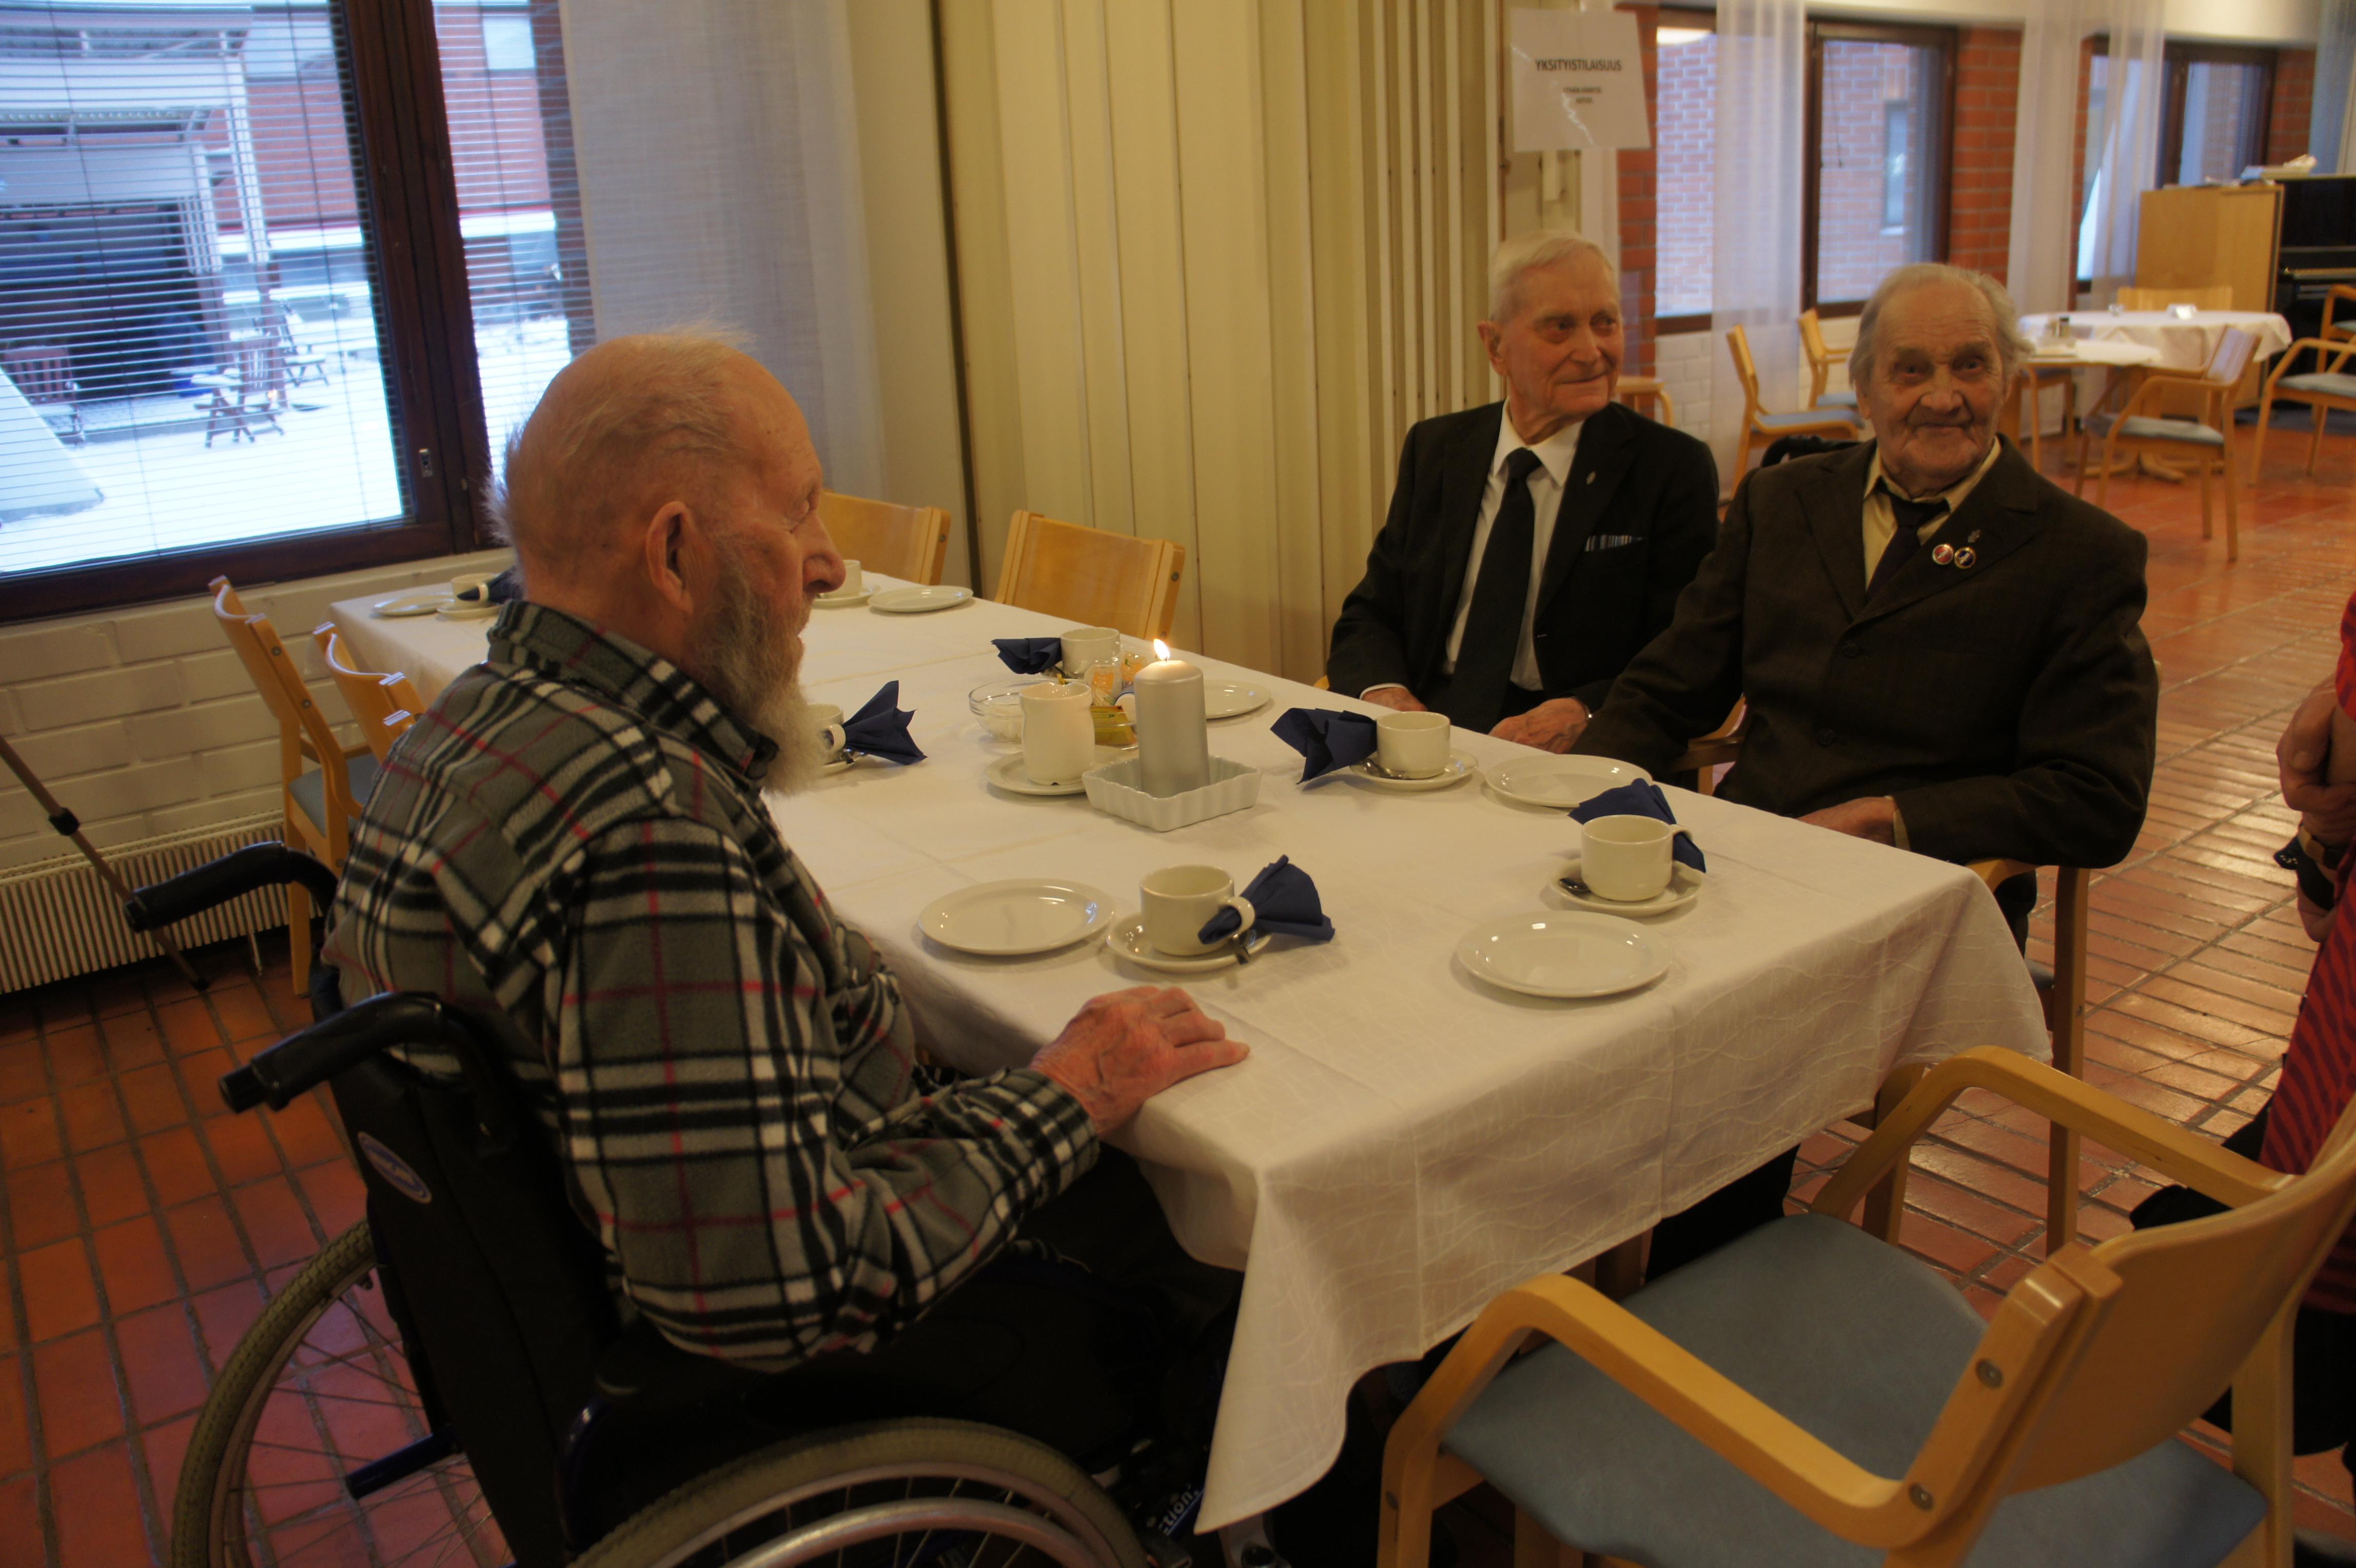 Matti Kärkkäinen satavuotisjuhlassaan nuorin veteraani. Matti Kärkkäinen (15.11.1916) vietti 100-vuotisjuhliaan Iisalmen VetreäTerveys hoitokodissa. Häntä olivat onnittelemassa 103-vuotias Mikko Bergman (1.9.1913) ja 100-vuotias Tauno Tikkanen (10.3.1916).